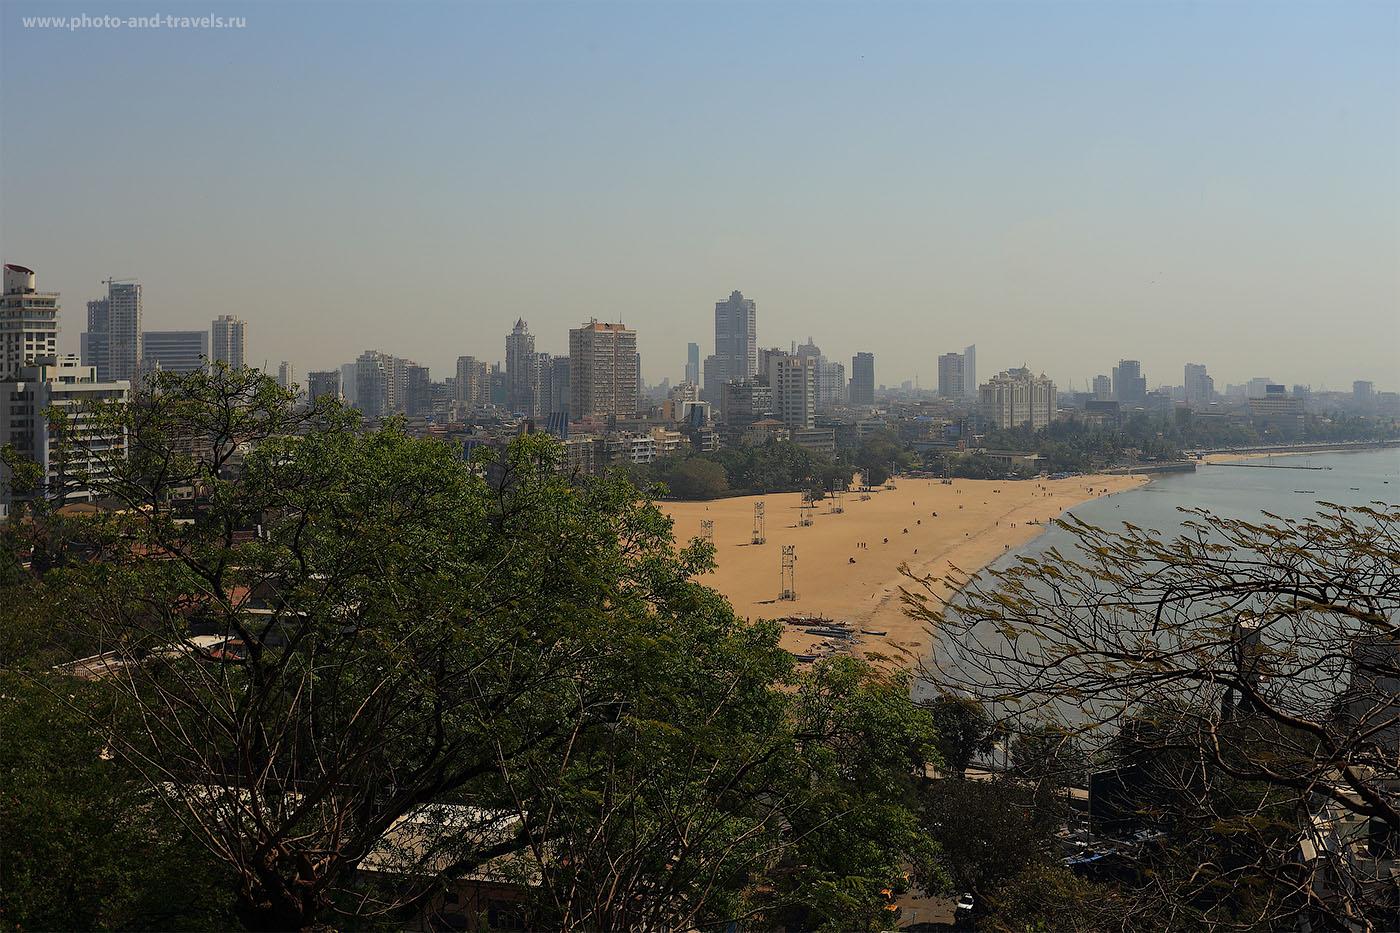 Фото 22. Отдых в Индии. Панорама с холма на Марин Драйв в Мумбаи (1/200, f/9.0, -1EV, ФР=40мм, ИСО 100)